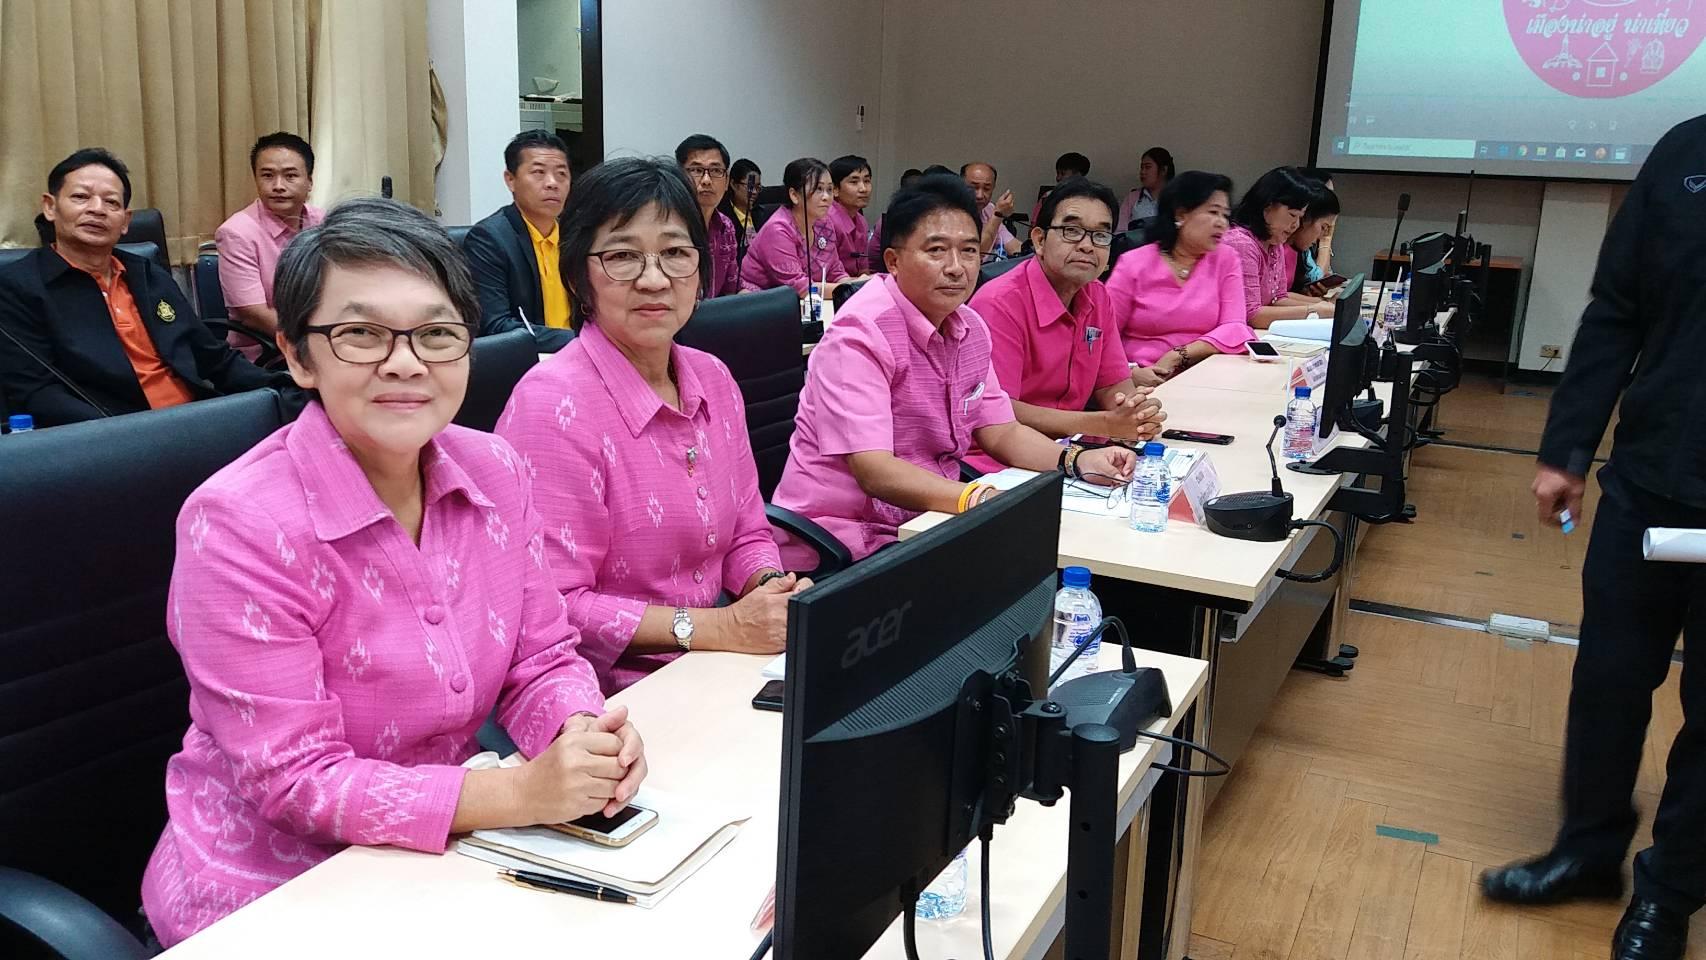 ร่วมประชุมต้อนรับคณะกรรมการโครงการสมาชิกวุฒิสภาพบประชาชนในพื้นที่ภาคตะวันออกเฉียงเหนือ (ตอนบน)